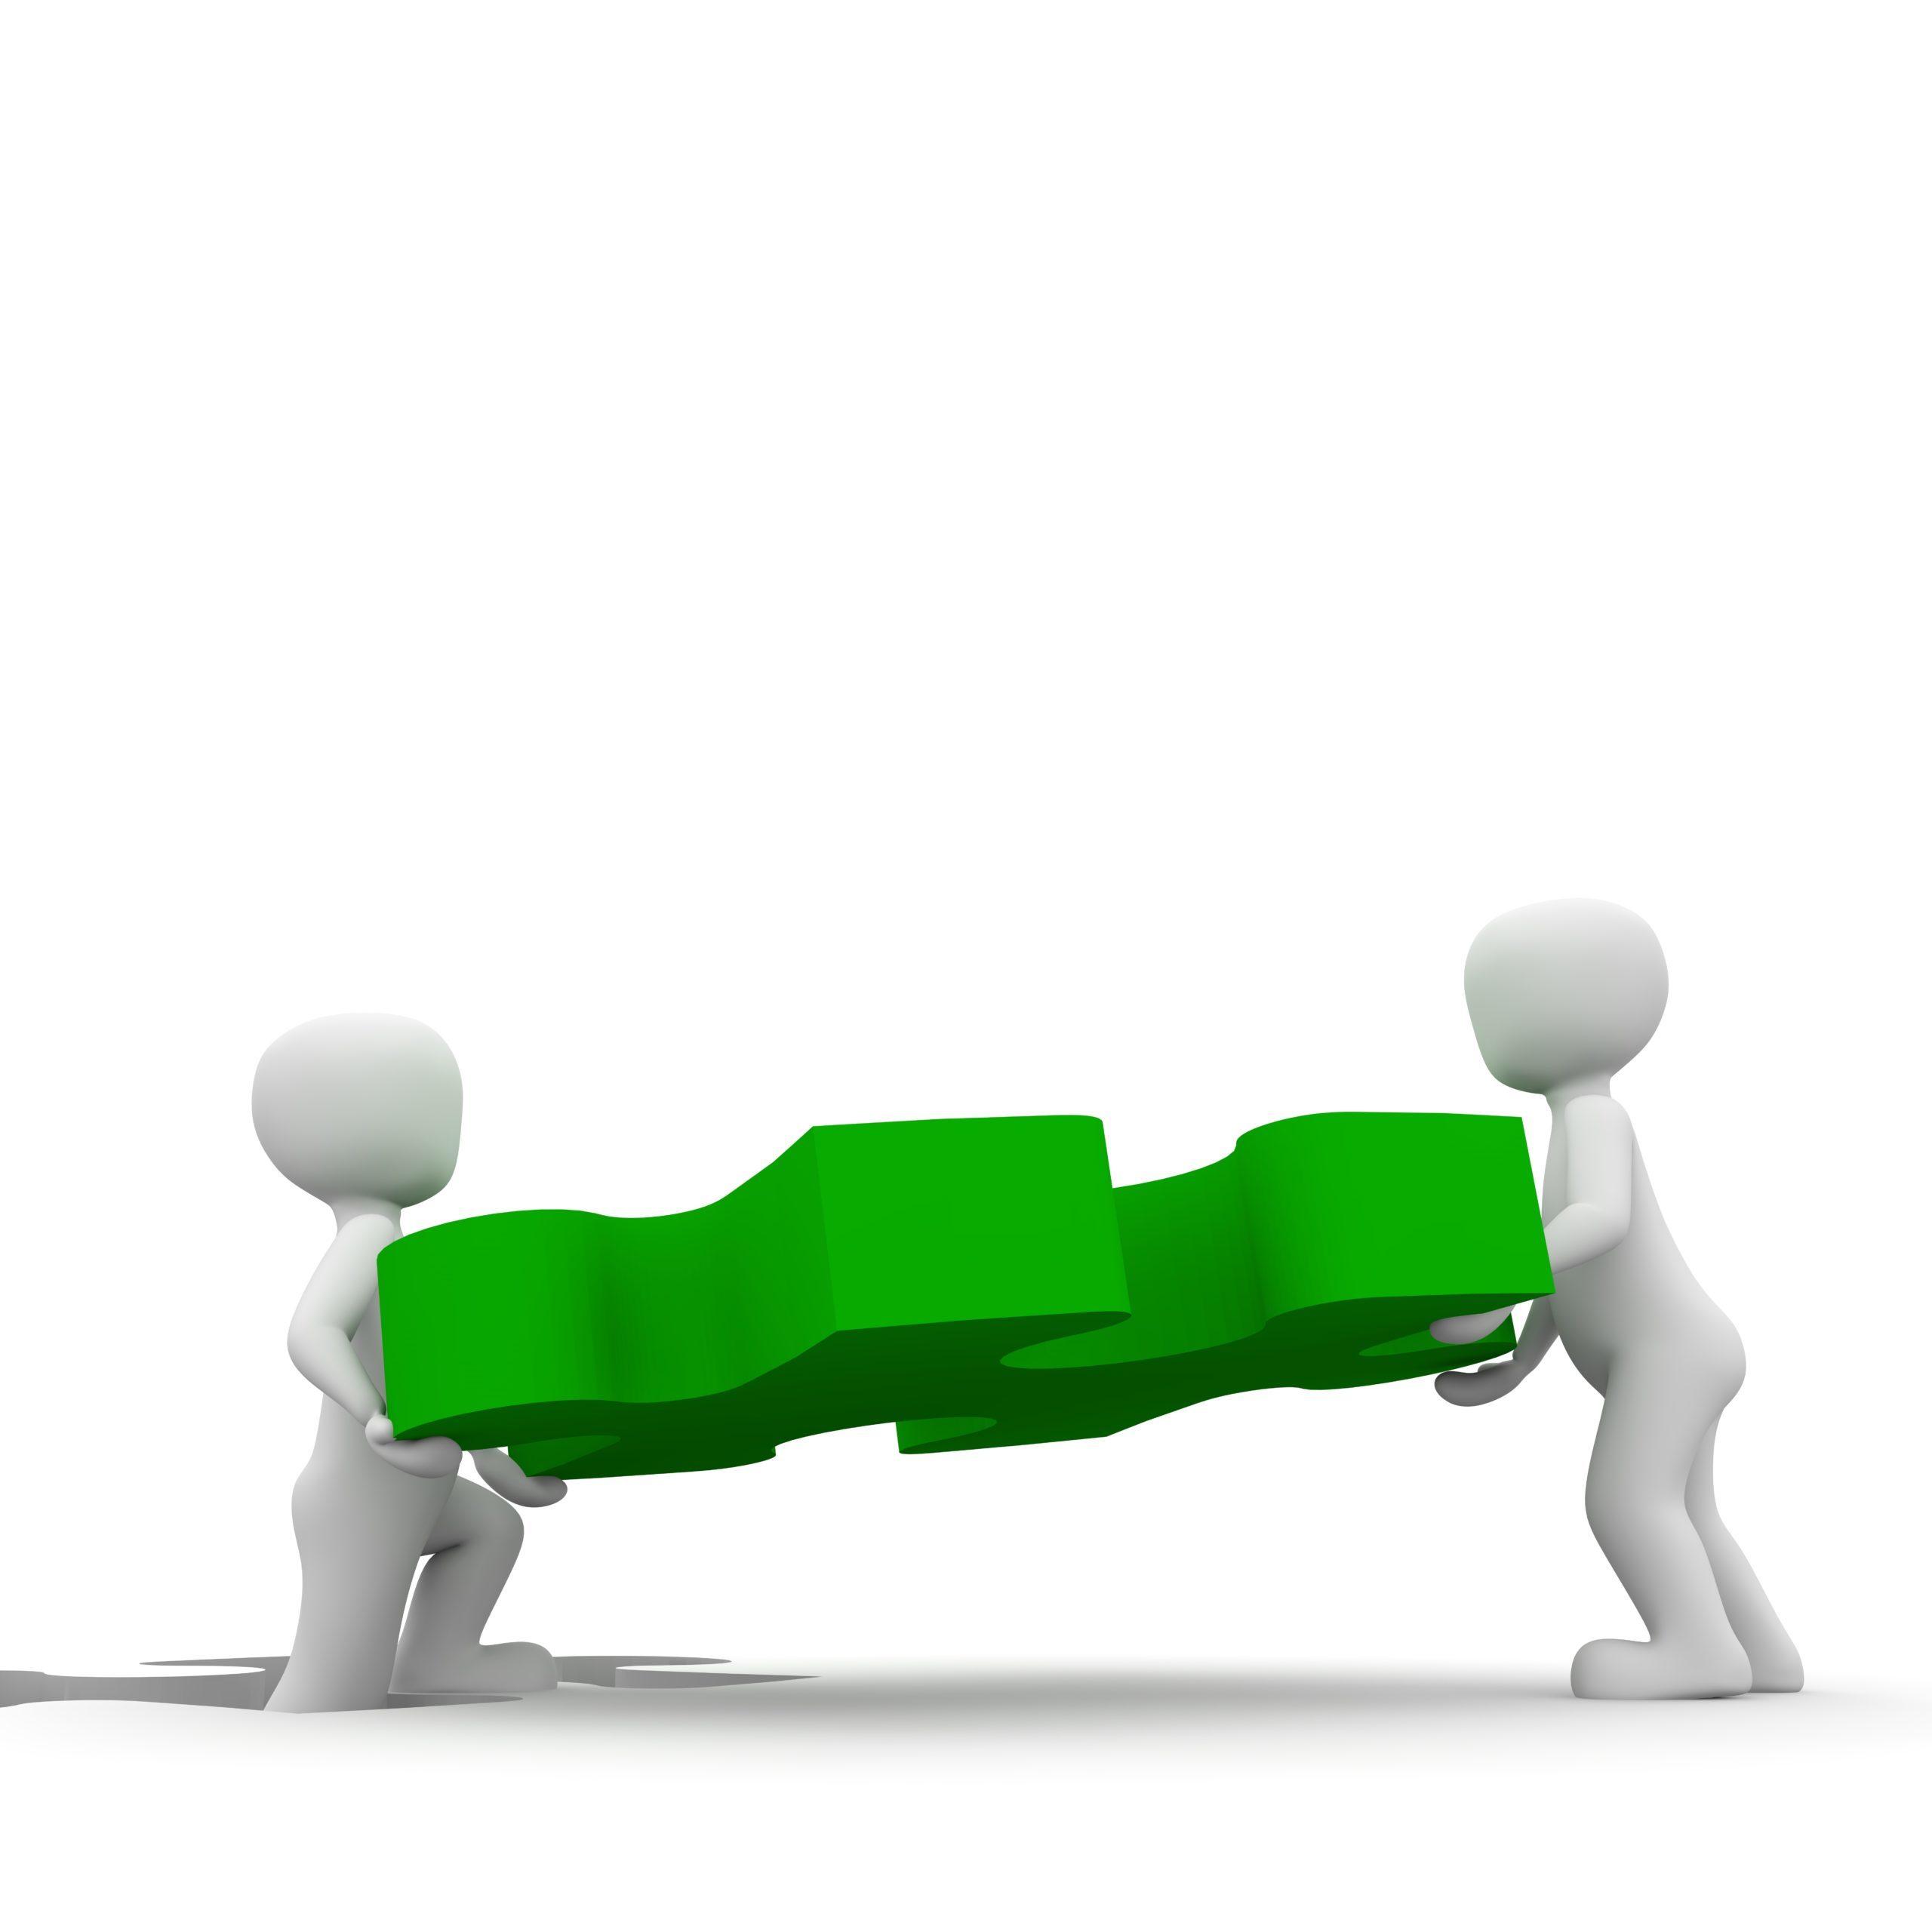 Protocoles de coopération entre professionnels de santé pour diminuer les recours aux services d'urgence